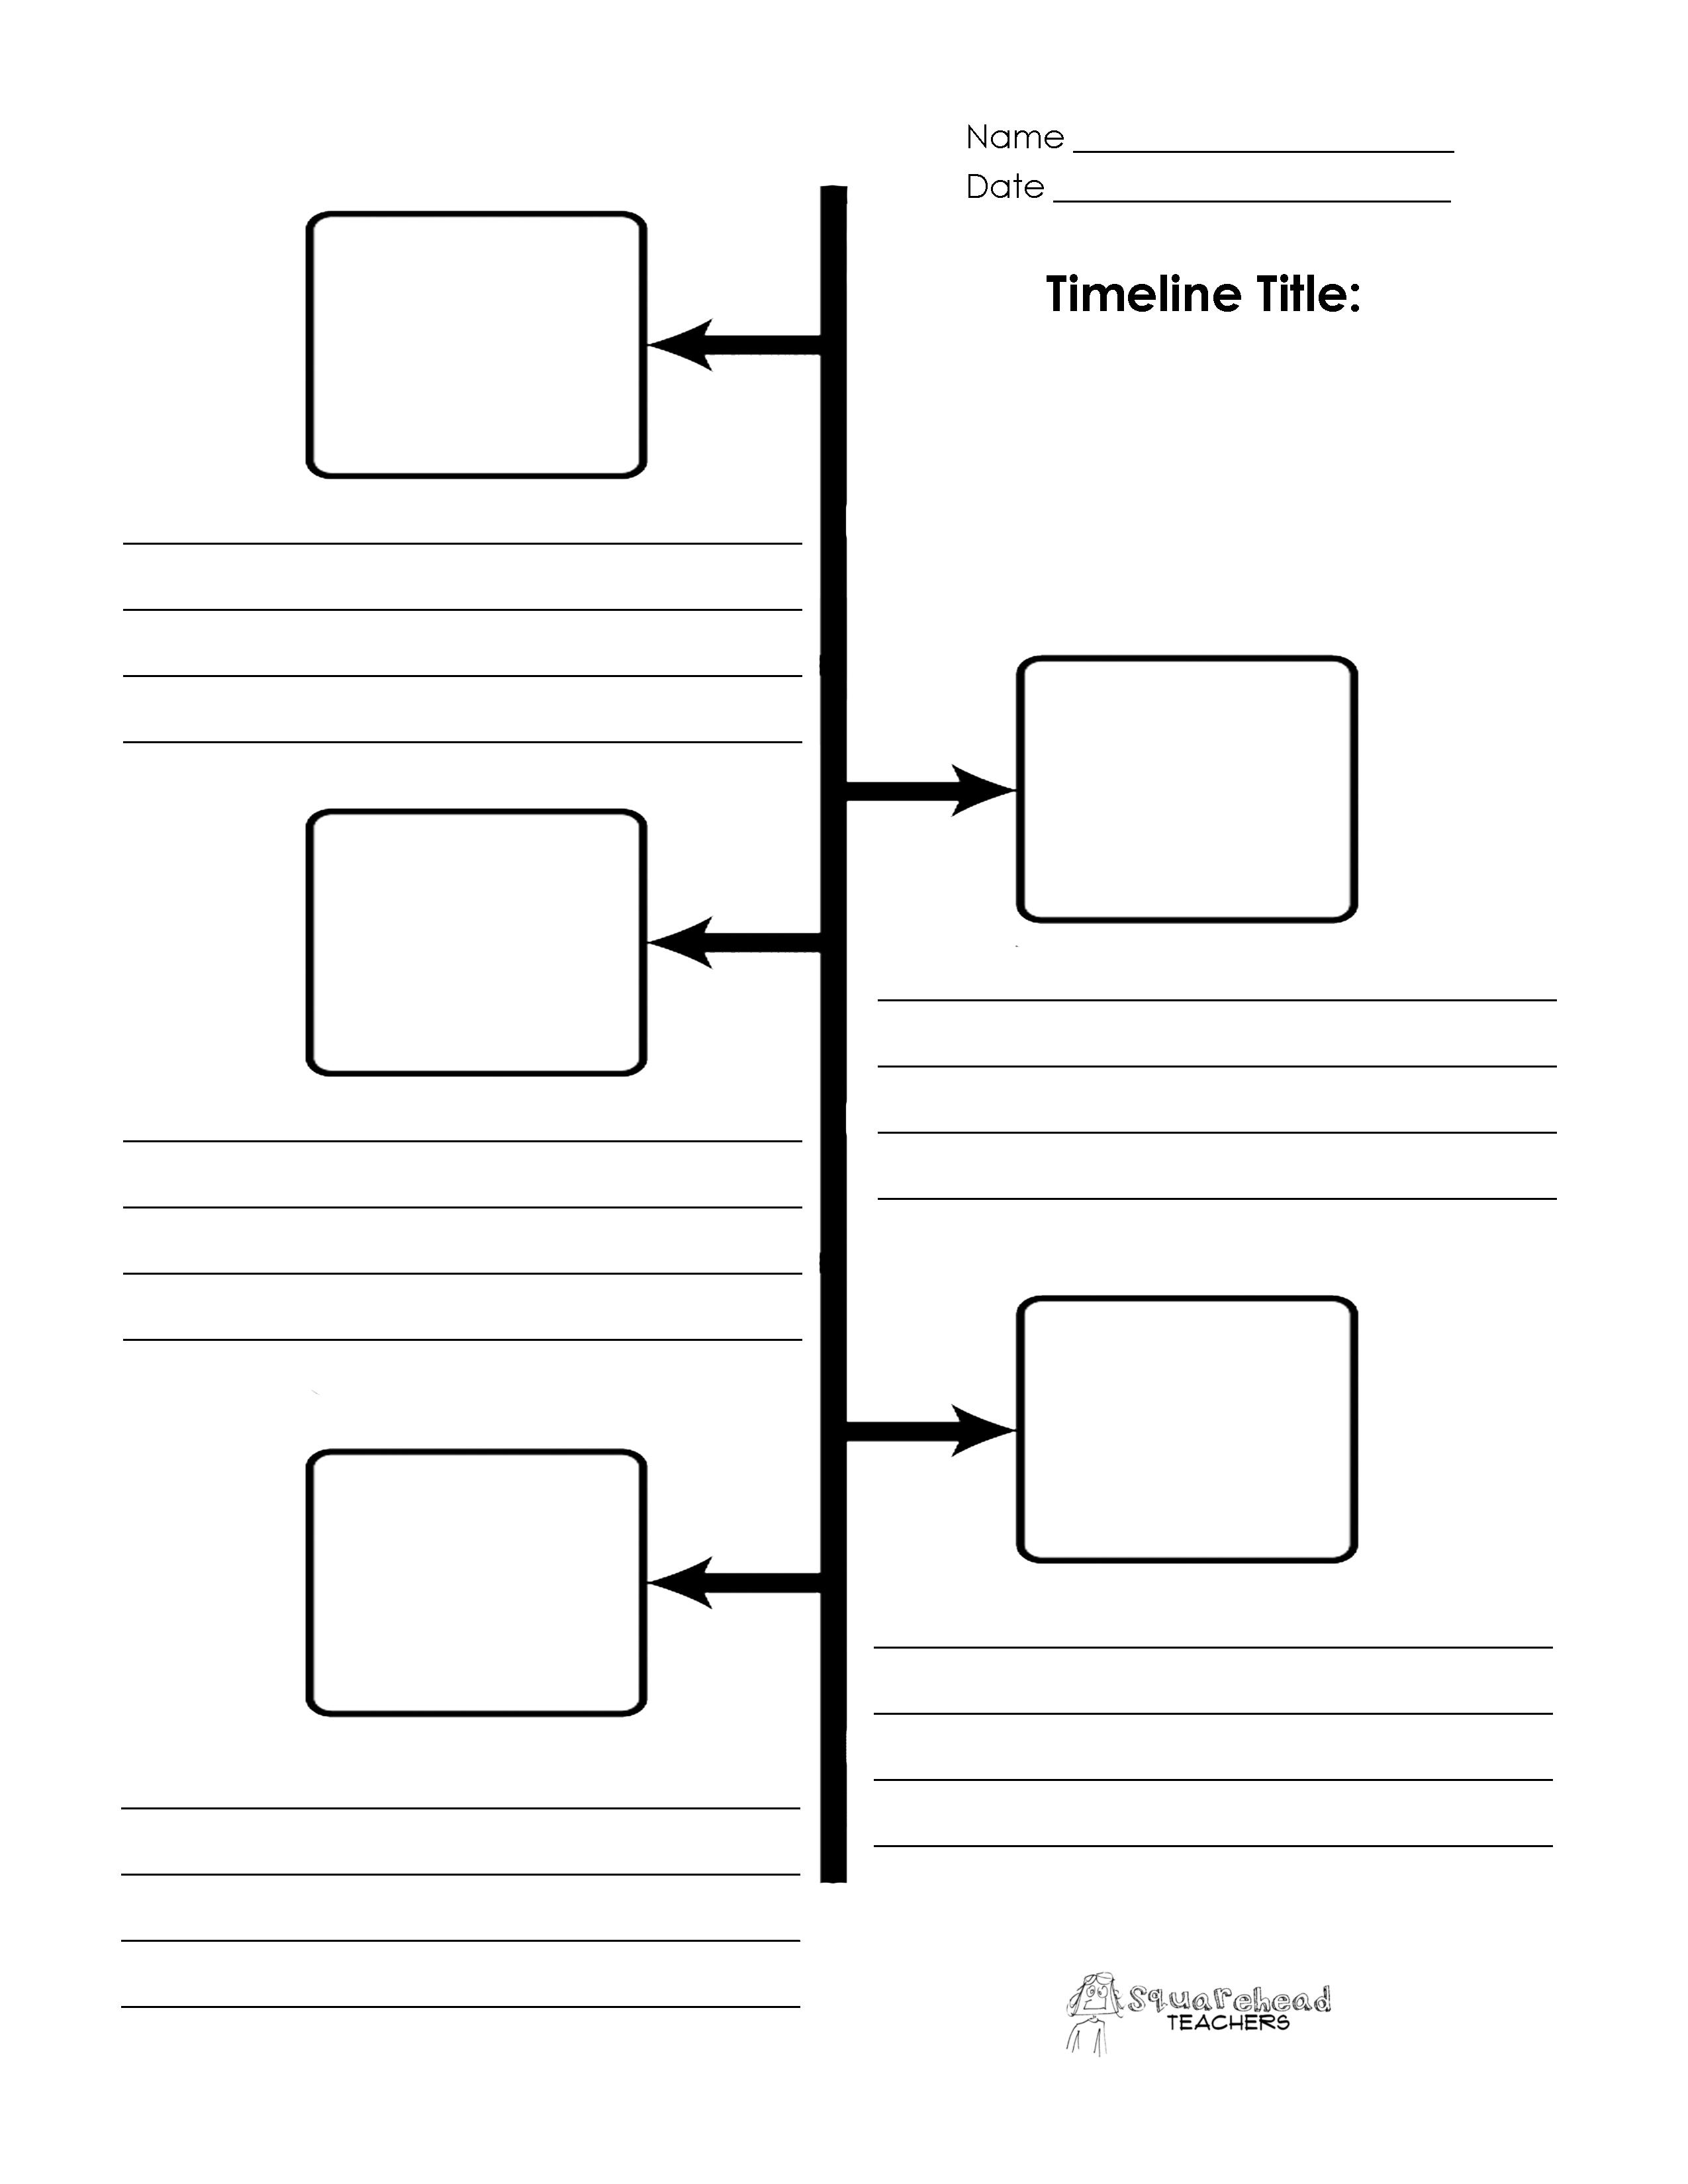 Timeline Worksheets Free Worksheets Library – Timeline Worksheet